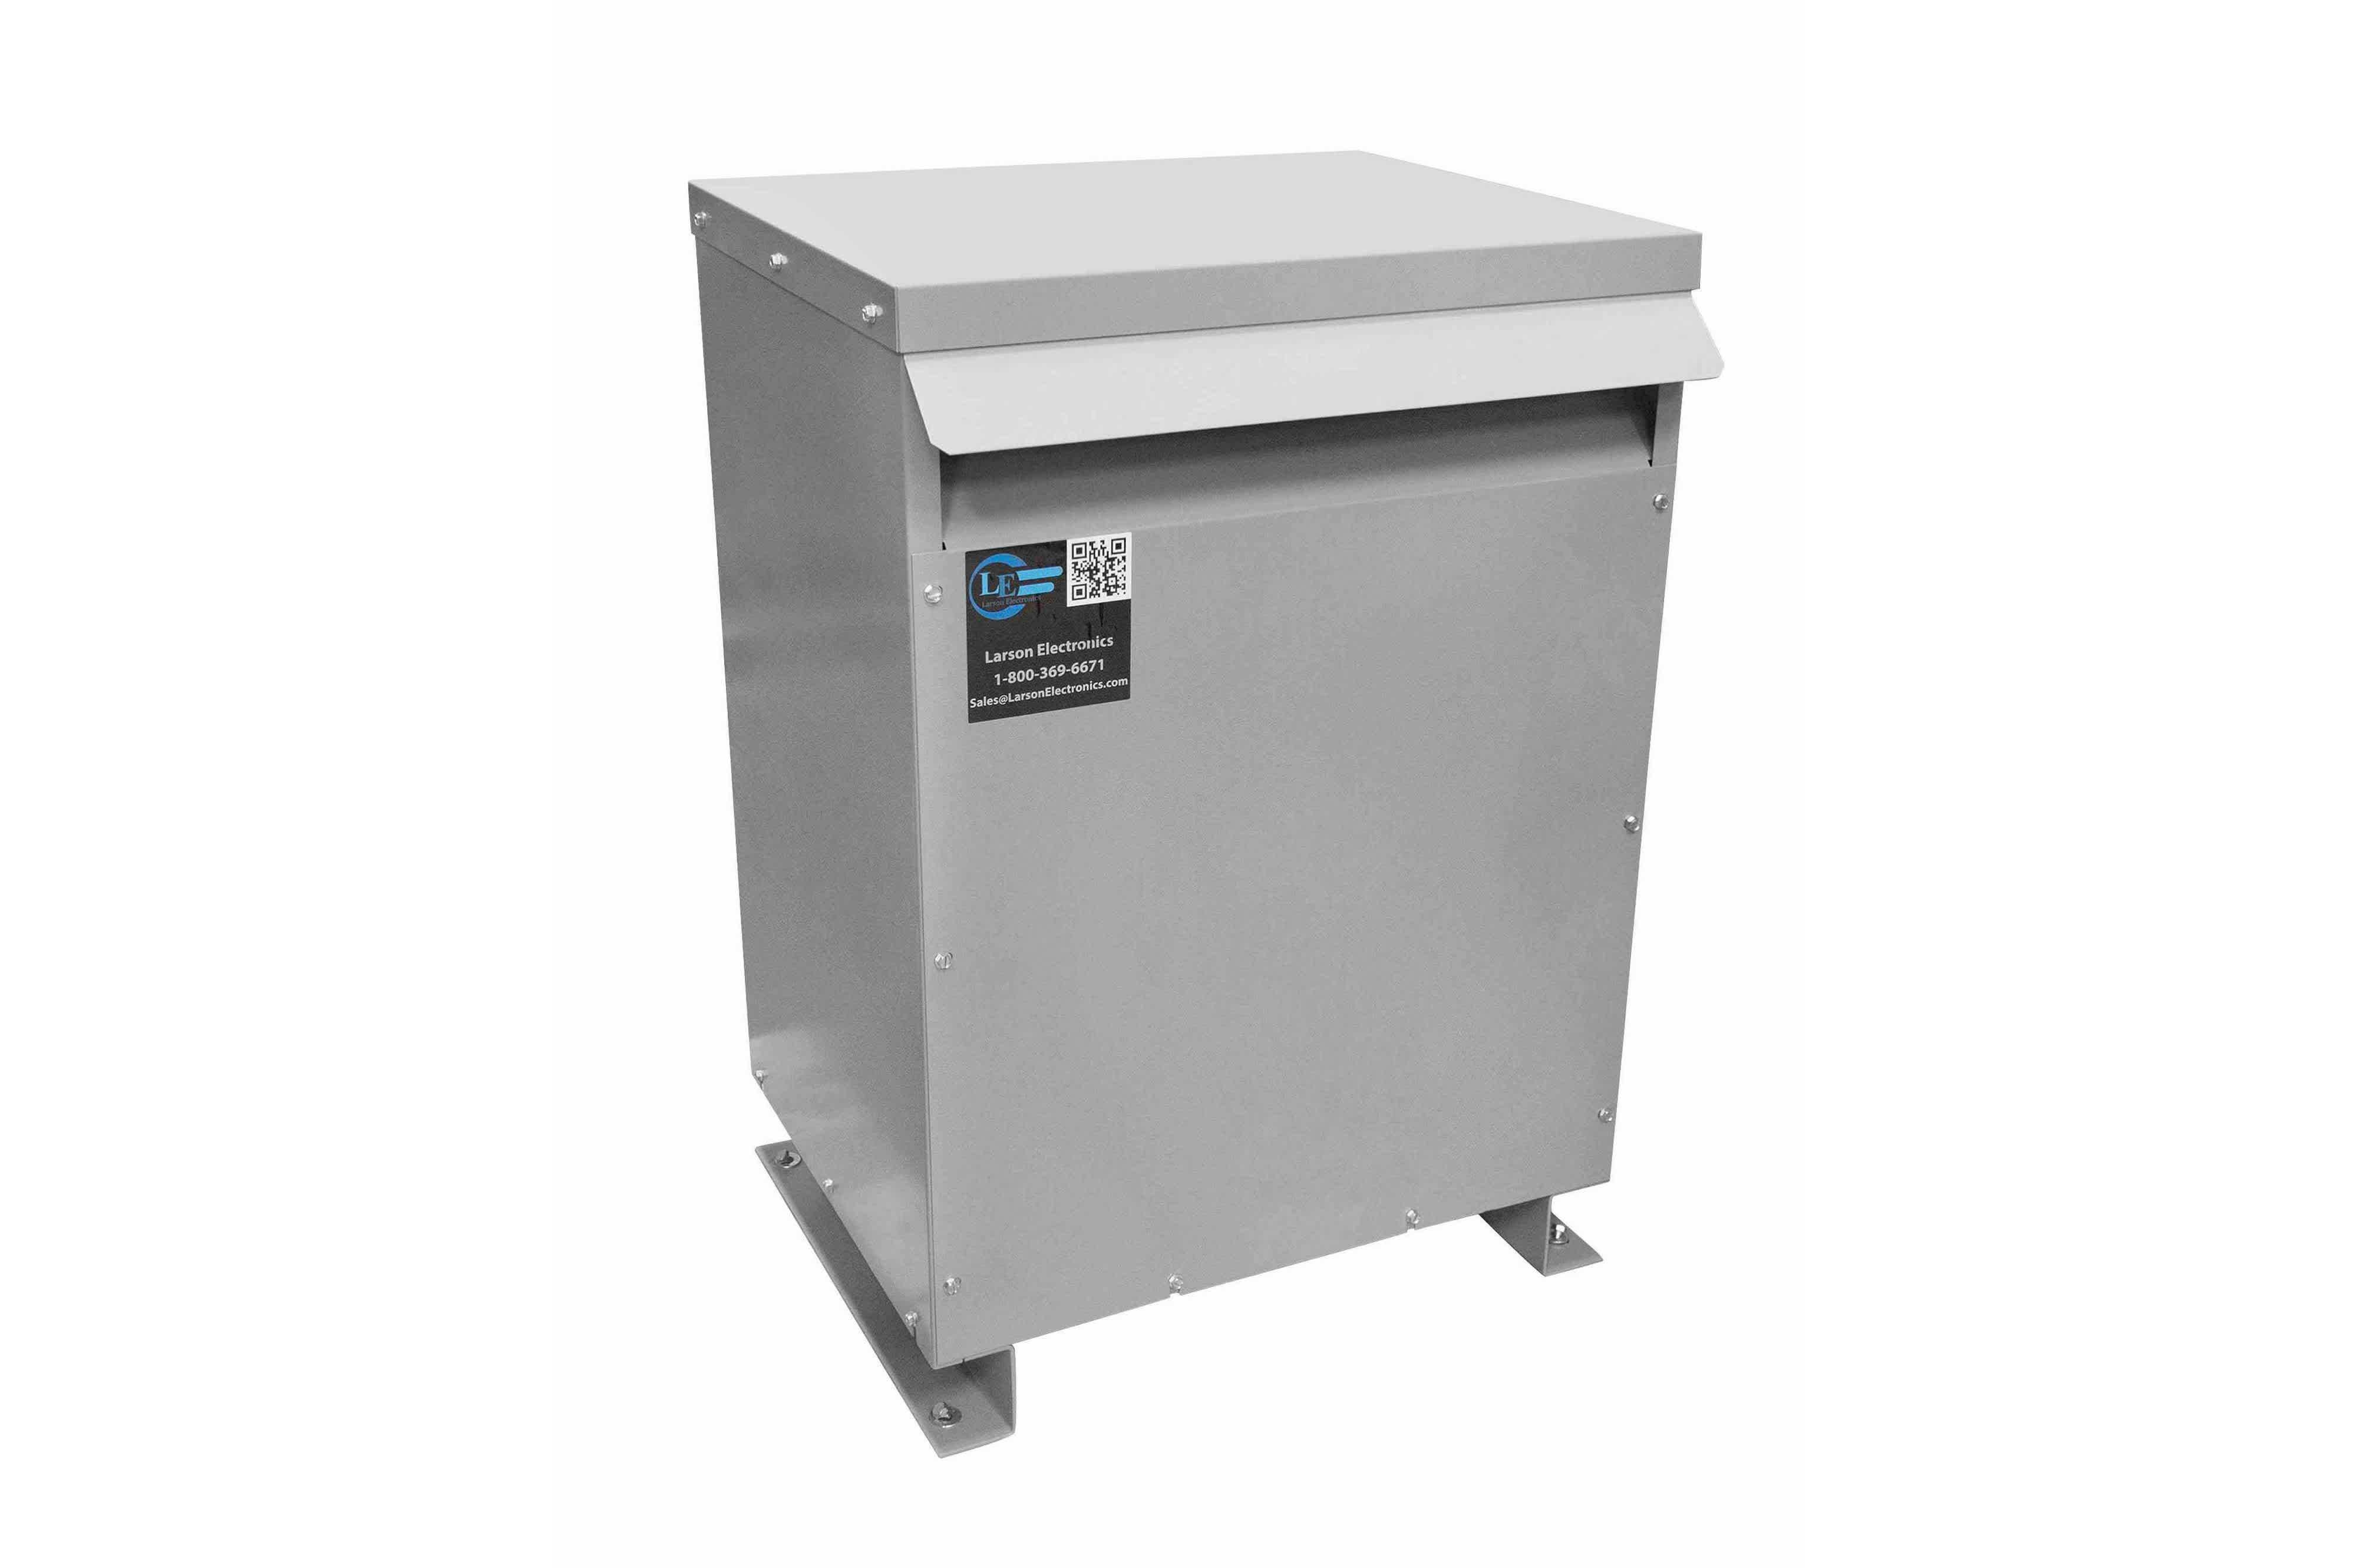 38 kVA 3PH Isolation Transformer, 600V Delta Primary, 480V Delta Secondary, N3R, Ventilated, 60 Hz